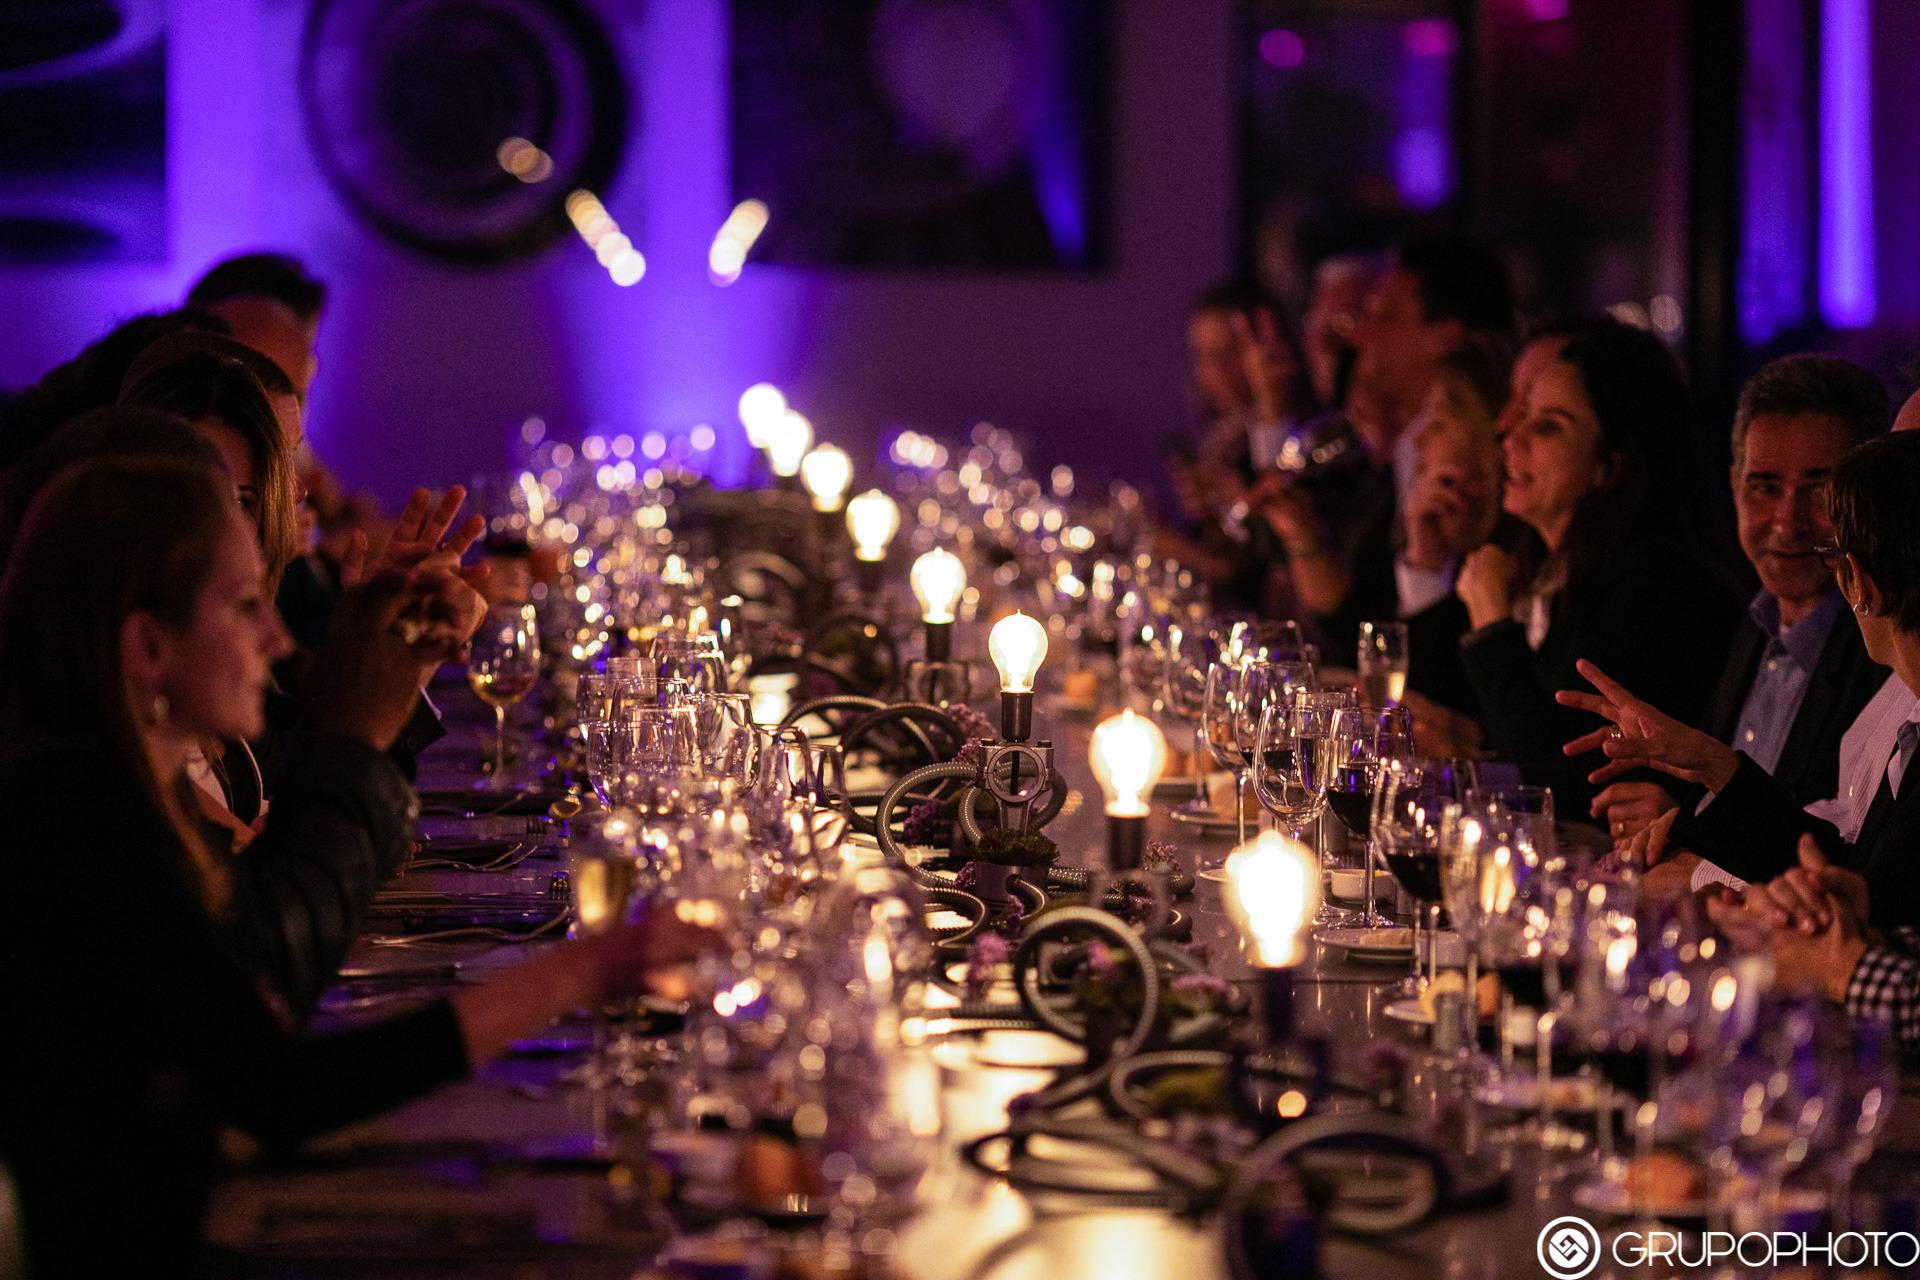 fotógrafo para evento corporativo, fotógrafo para jantar em sp, fotógrafo discreto em sp